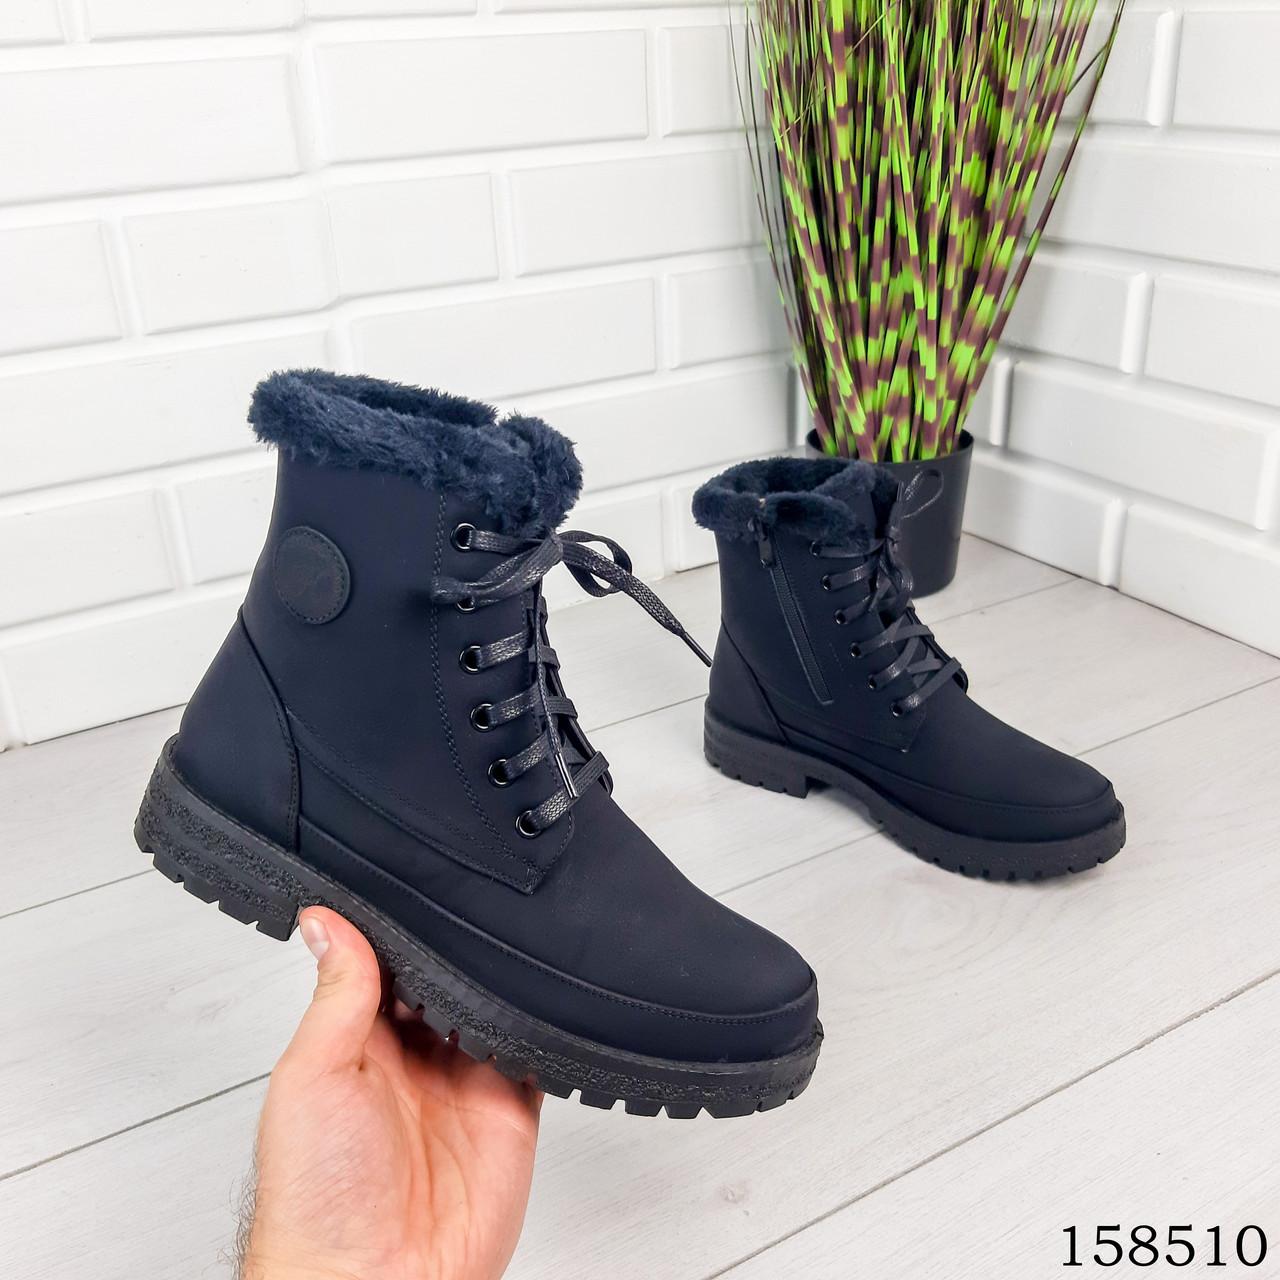 Женские ботинки зимние, черного цвета из эко нубука на шнурках, внутри теплый эко мех